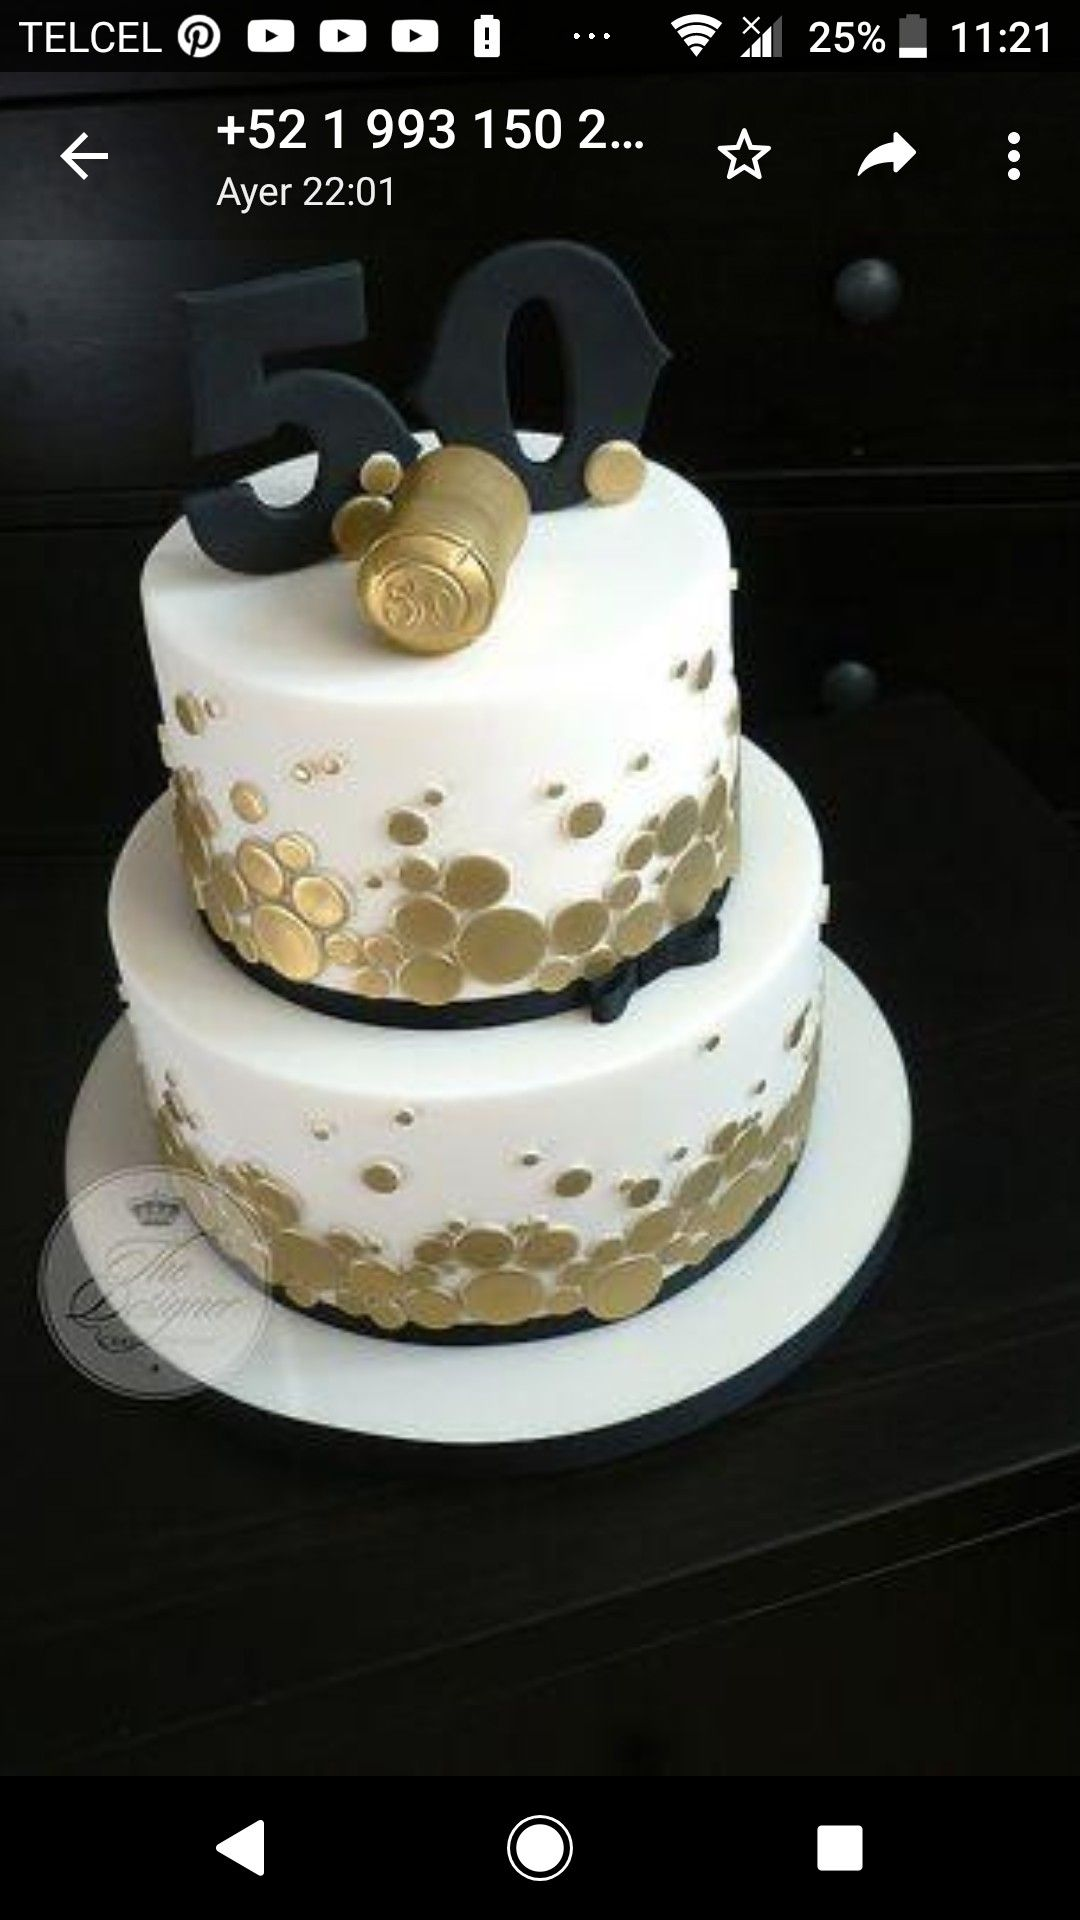 Pin De Ines En Dibujos Para Pasteles Torta De Cupcakes Tortas Para Hombres Pastel De Chantilly